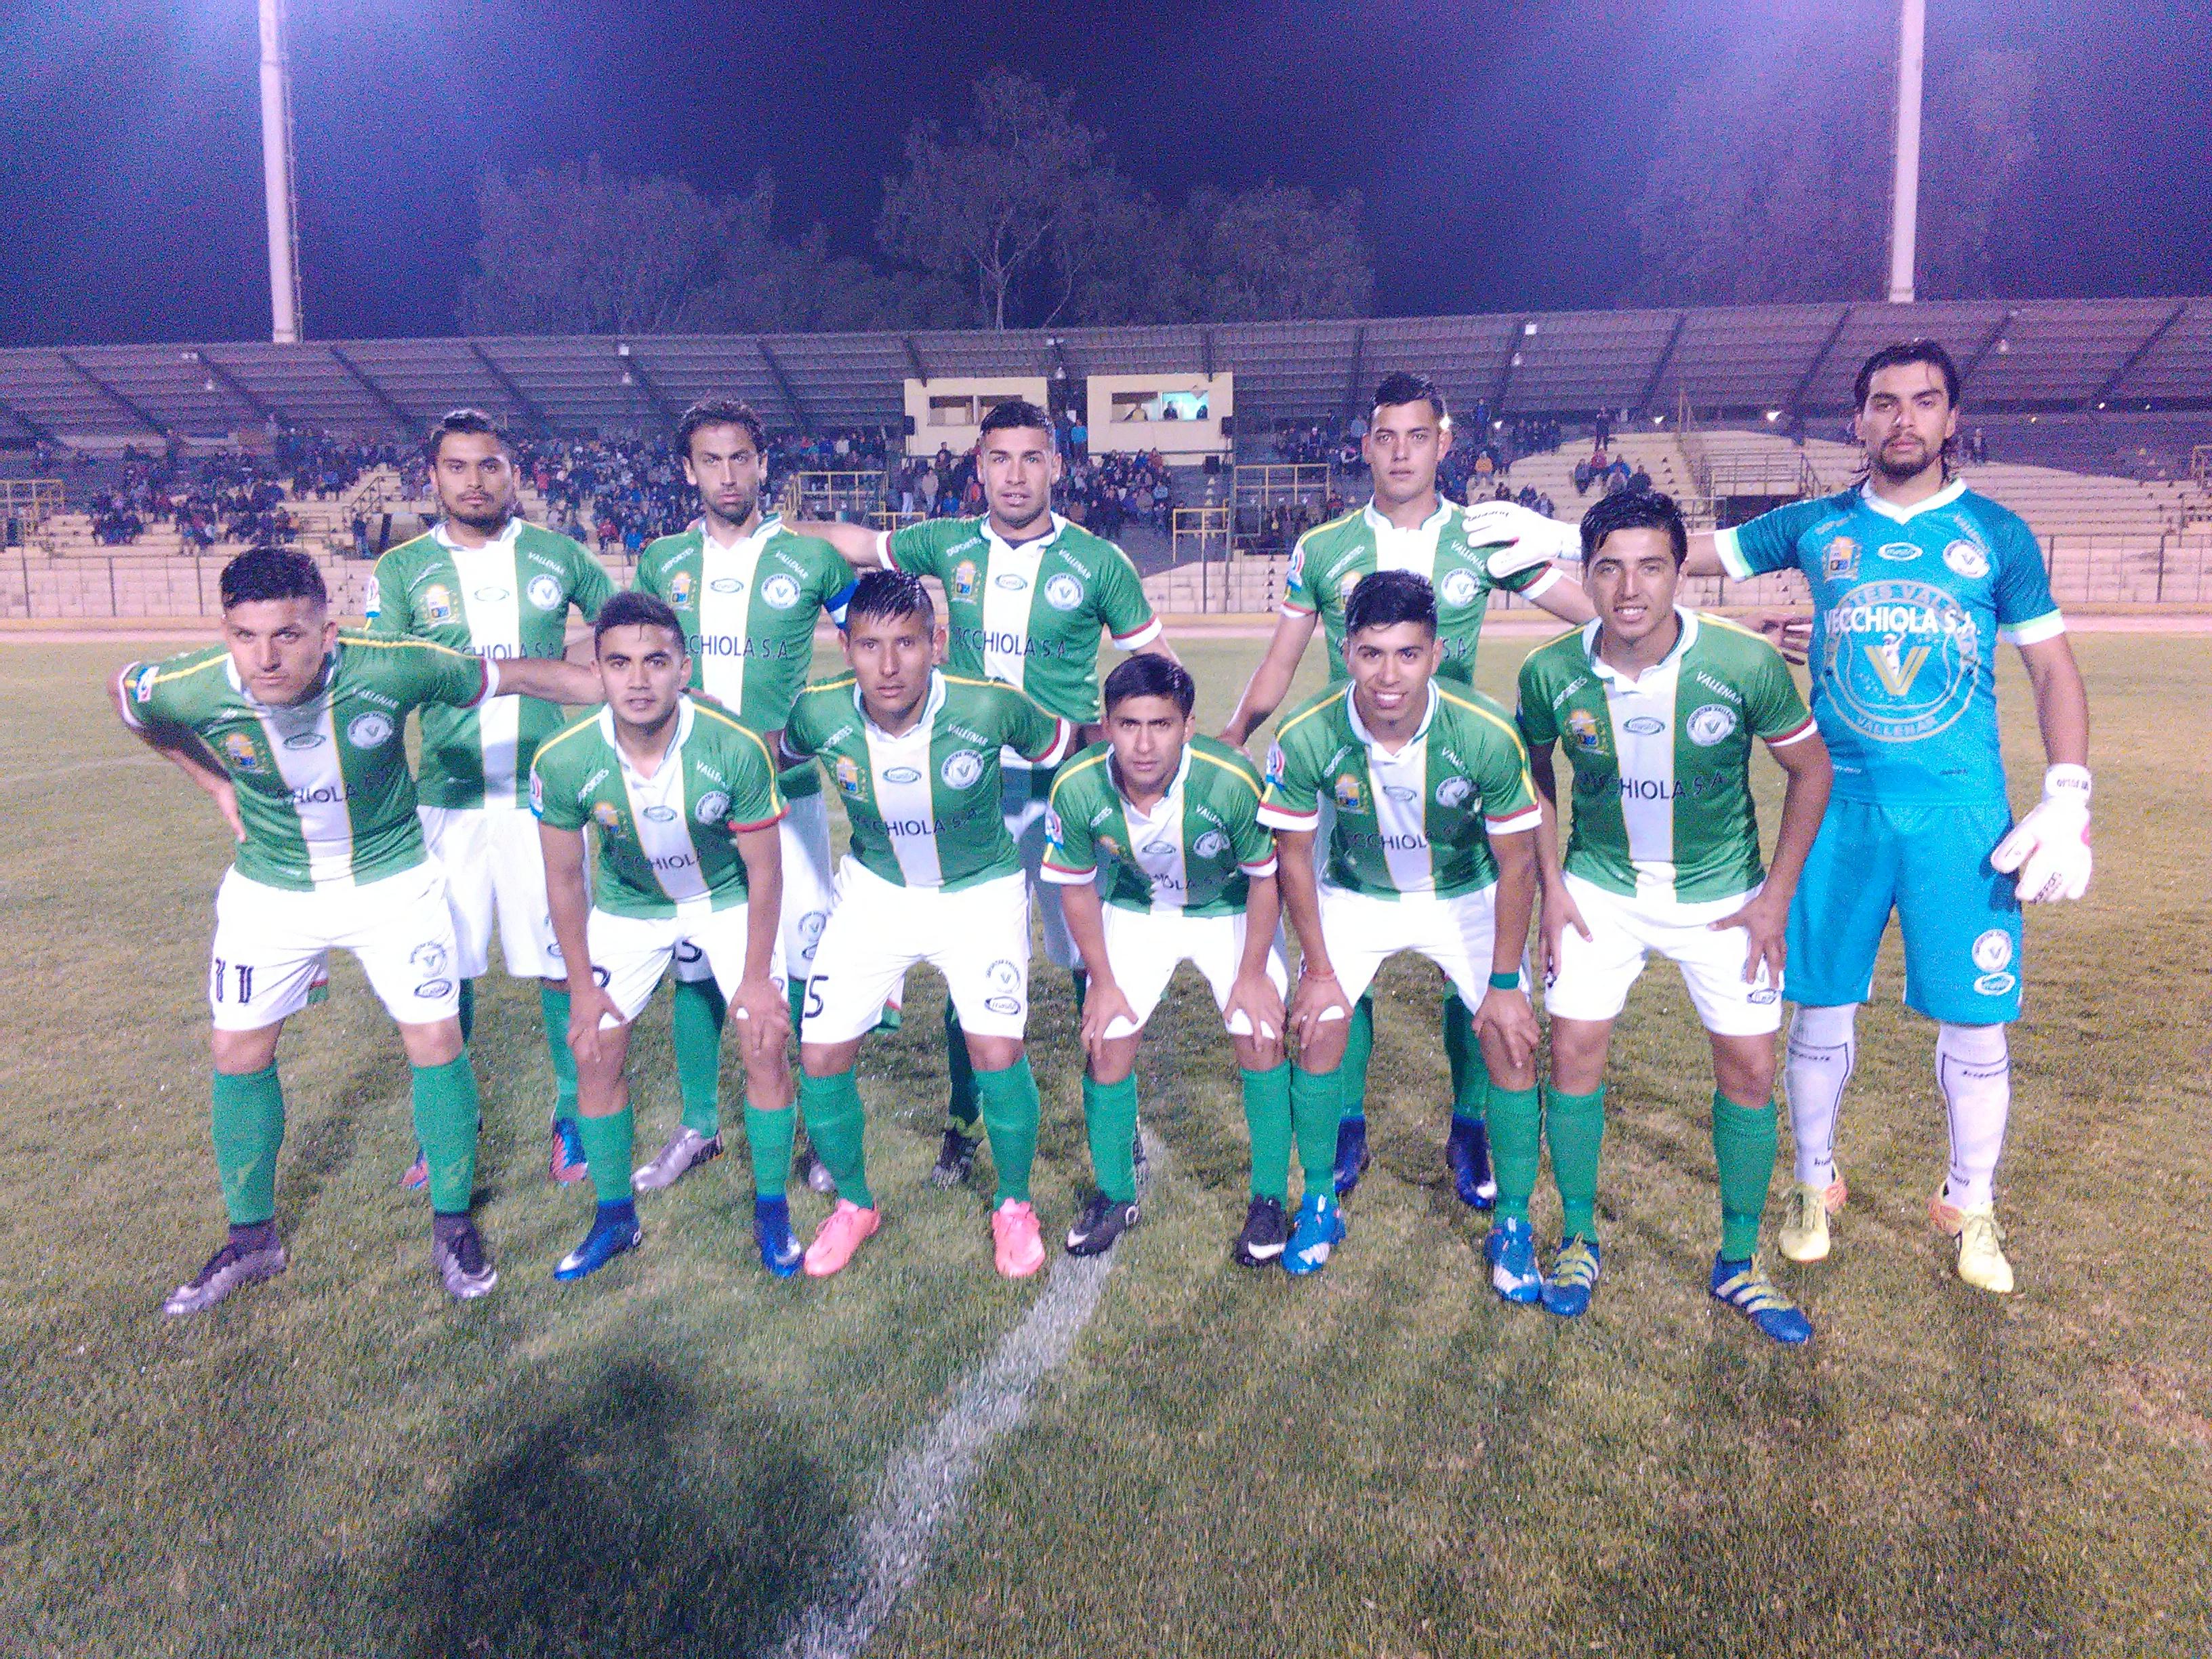 Todo listo para el histórico debut de Vallenar en el fútbol profesional